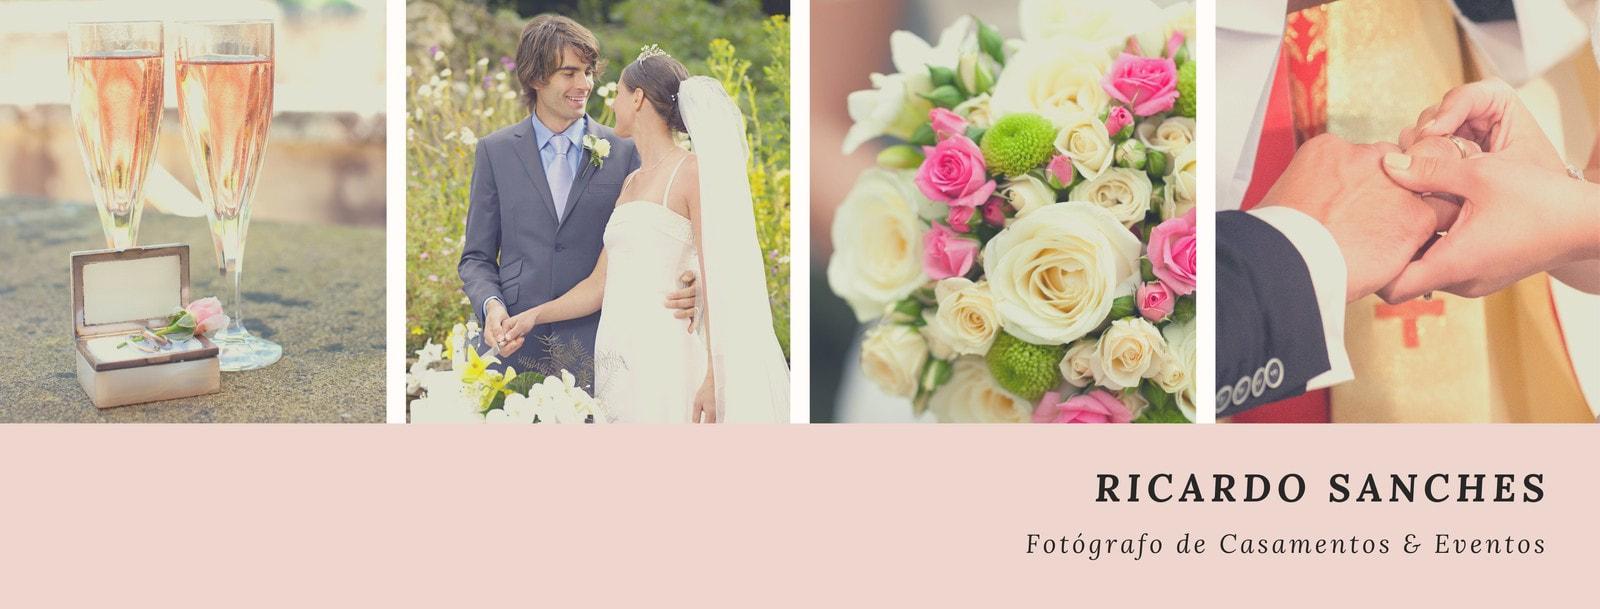 Rosa Casamento Molduras de Fotos Capa para Facebook